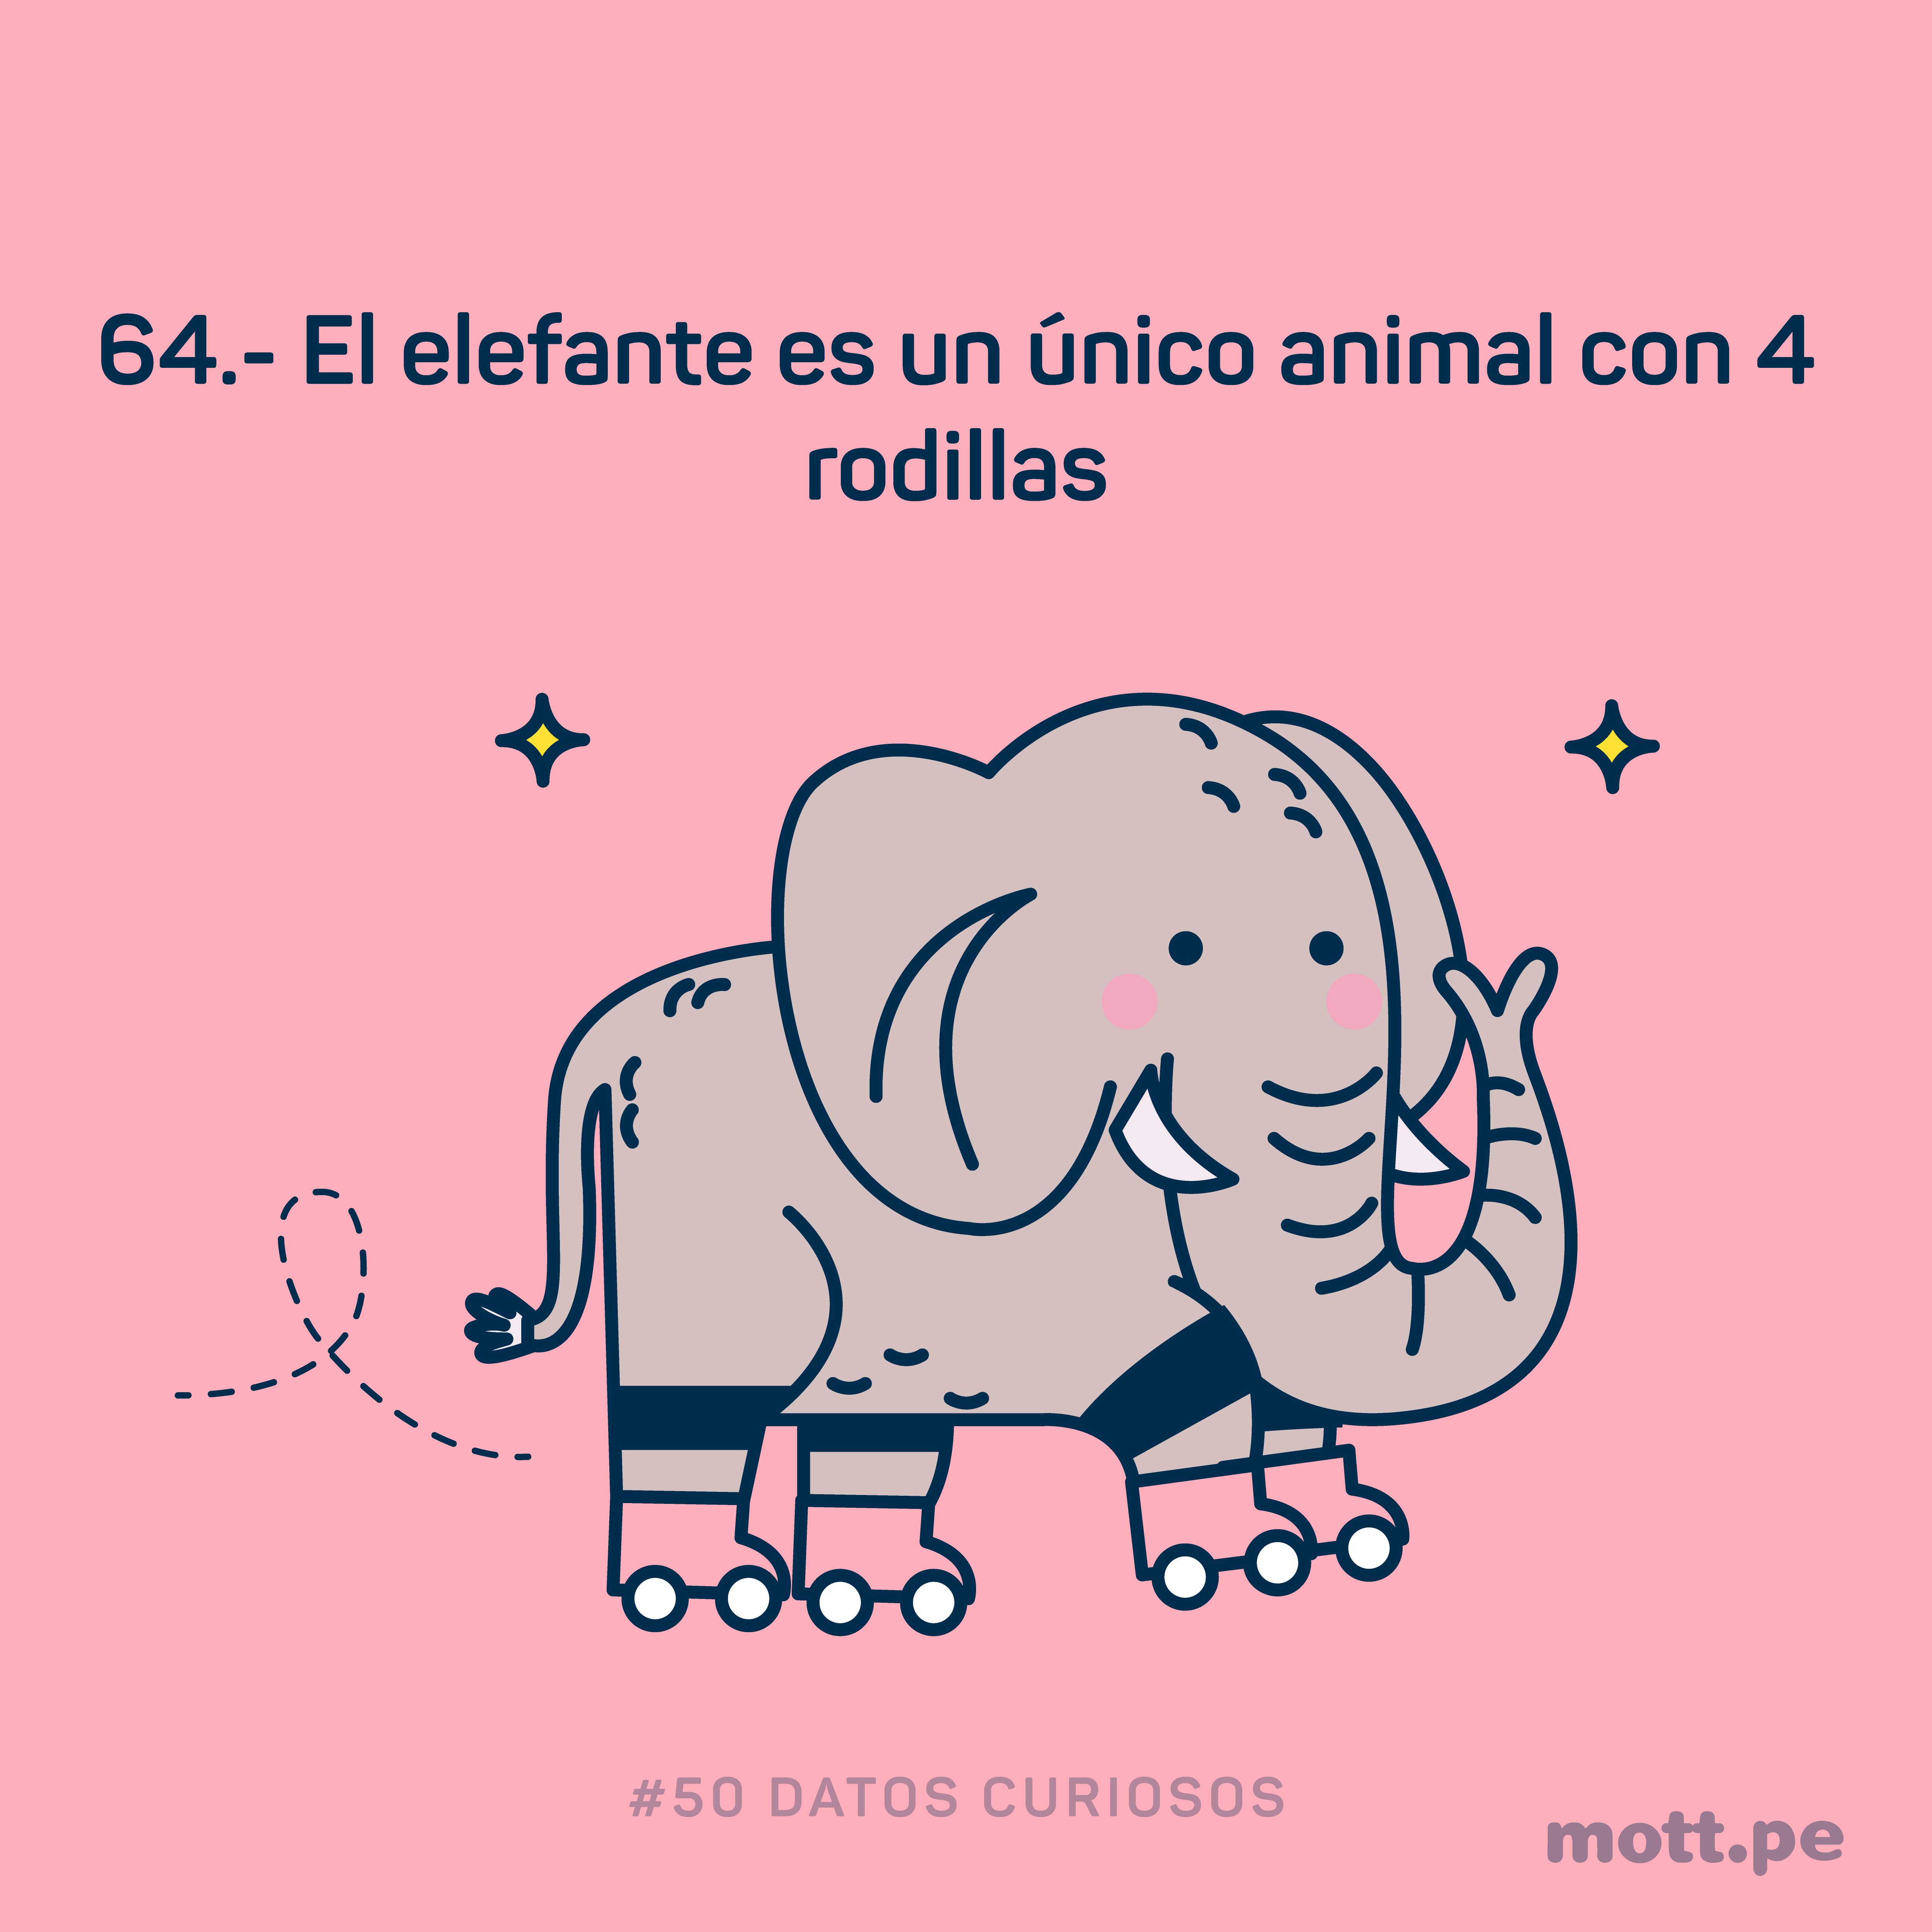 solo el elefante tiene 4 rodillas